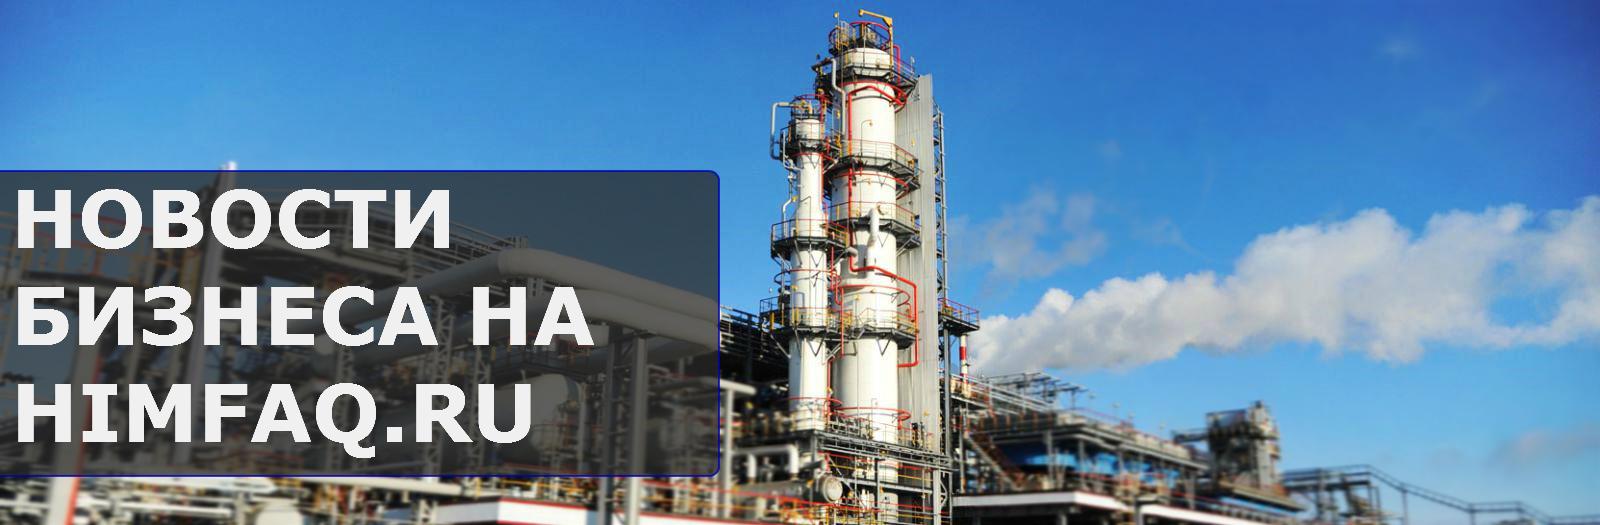 Представляем вашему вниманию новости бизнеса, экономики и финансов в области химии на тематическом портале HimFAQ.ru. Фото, видео, актуальное мнение.